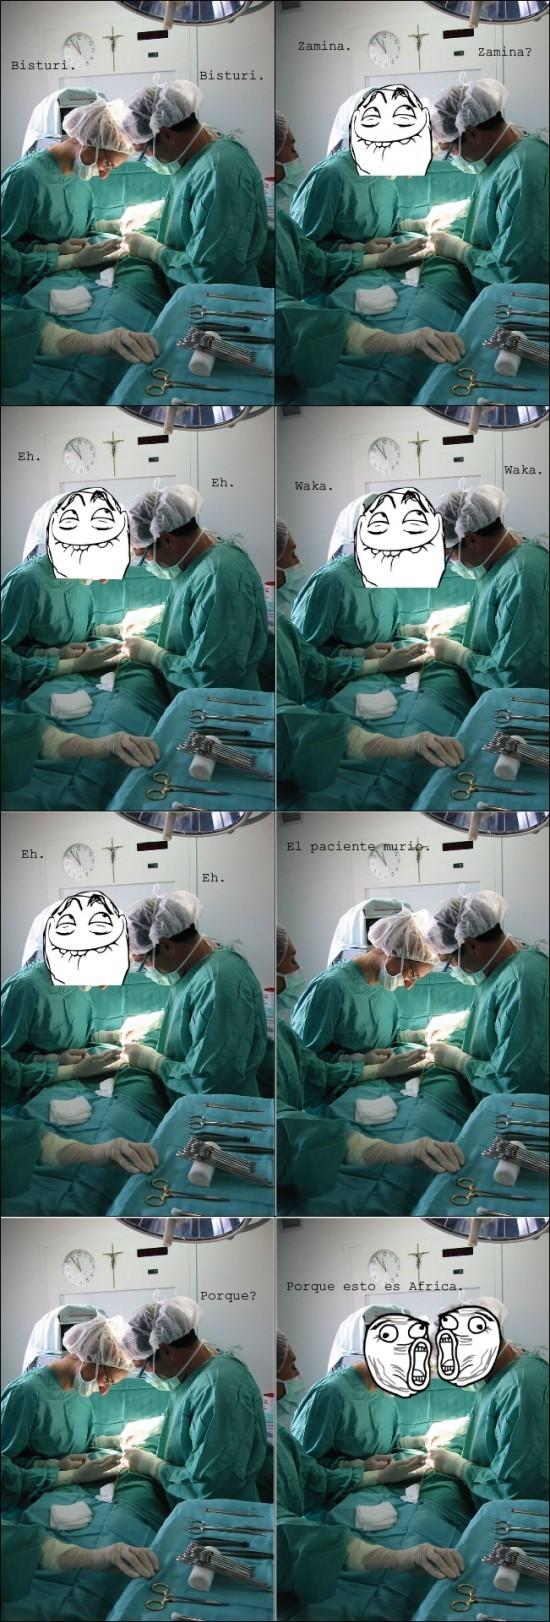 Lol - En el quirófano